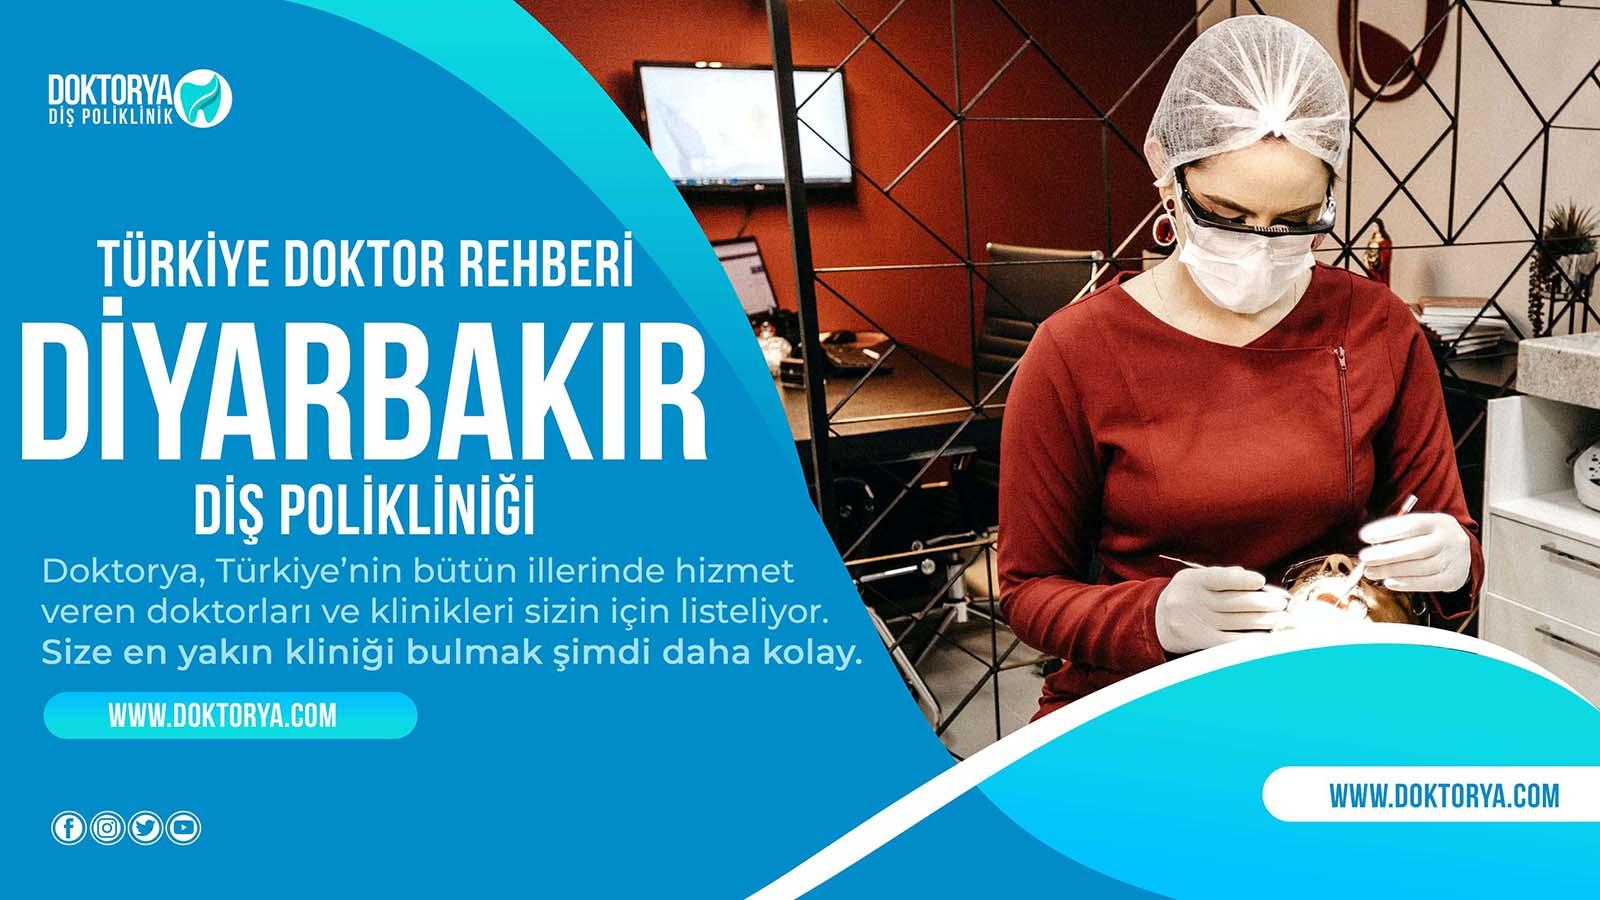 Diyarbakır Diş Poliklinik